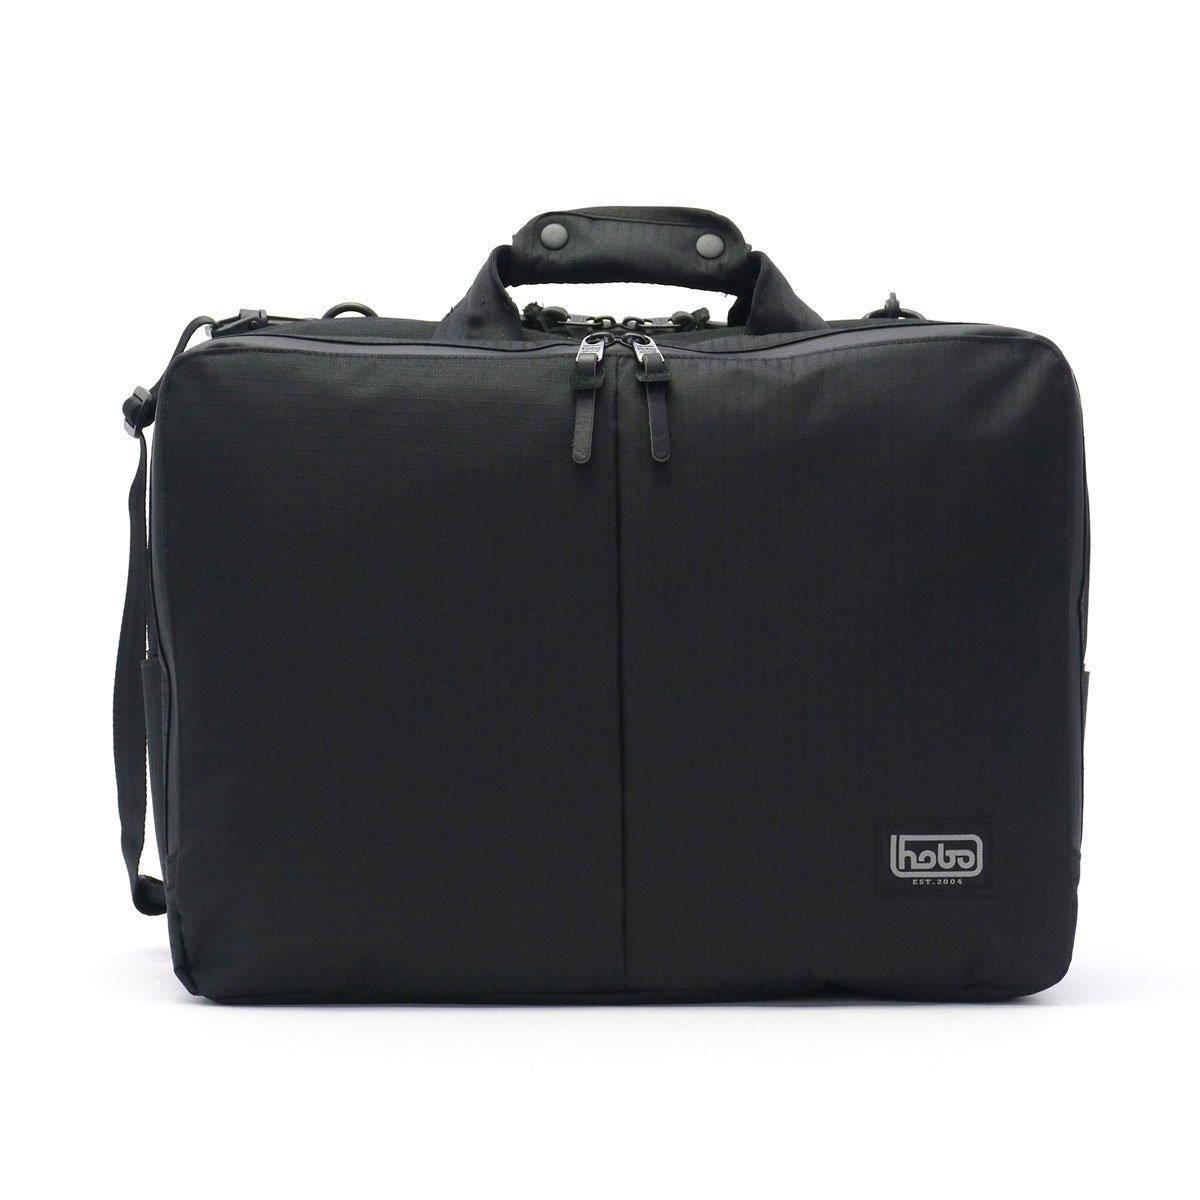 [ホーボー]hobo Polyester Ripstop 3Way Briefcase 3Pocket 3WAY ブリーフケース HB-BG2629 B075N8ND3T ブラック(019)